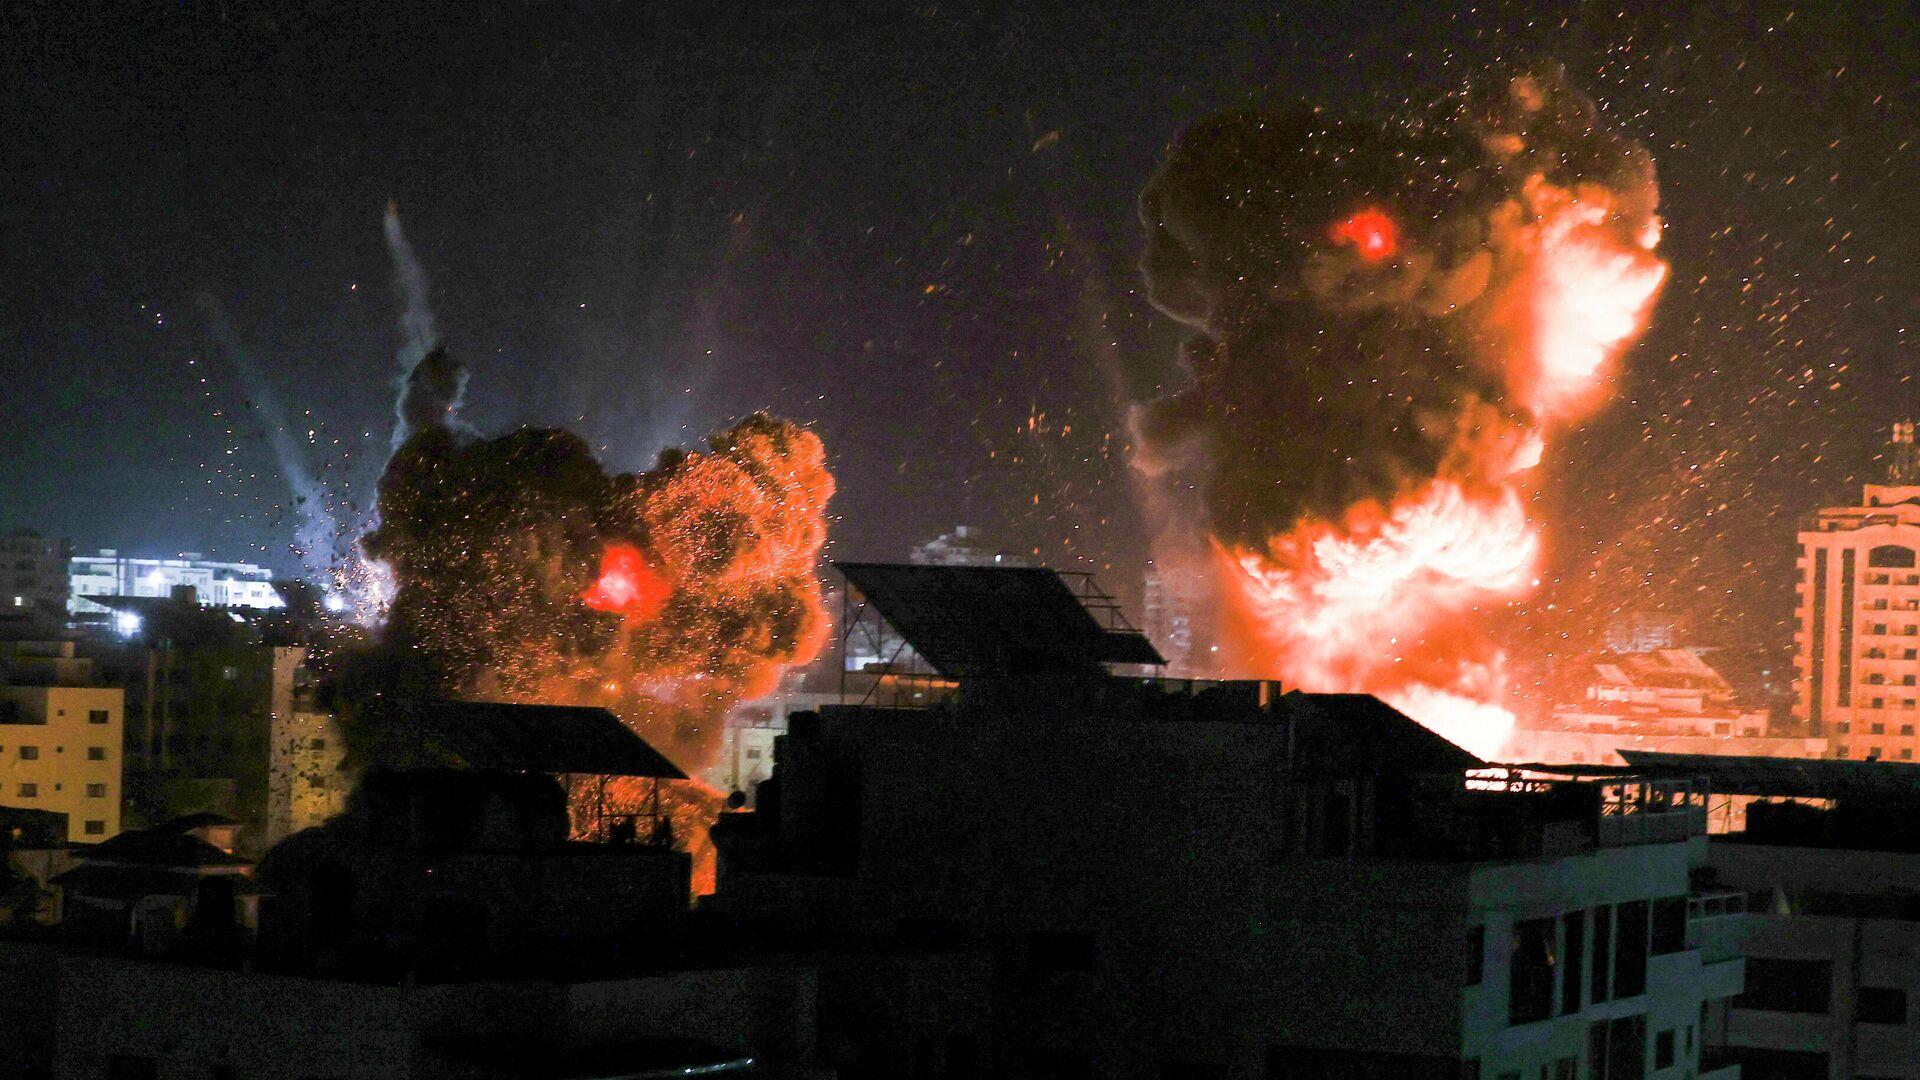 Взрывы в ночном небе над городом газа Газа, после израильского авиаудара - РИА Новости, 1920, 18.05.2021